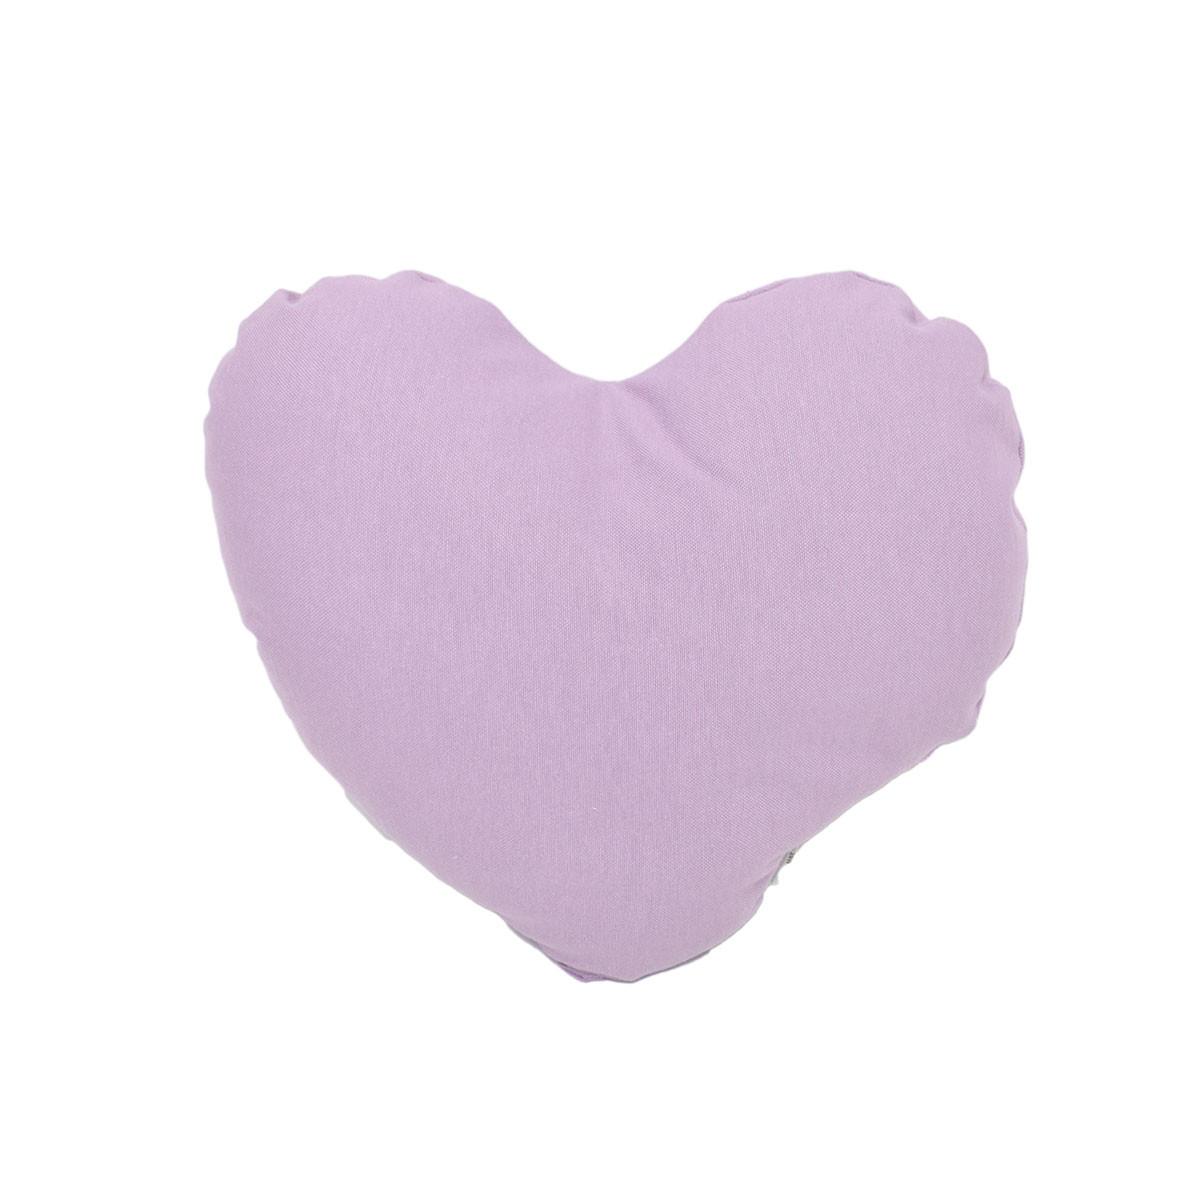 Διακοσμητικό Μαξιλάρι Cigit Heart Lilac